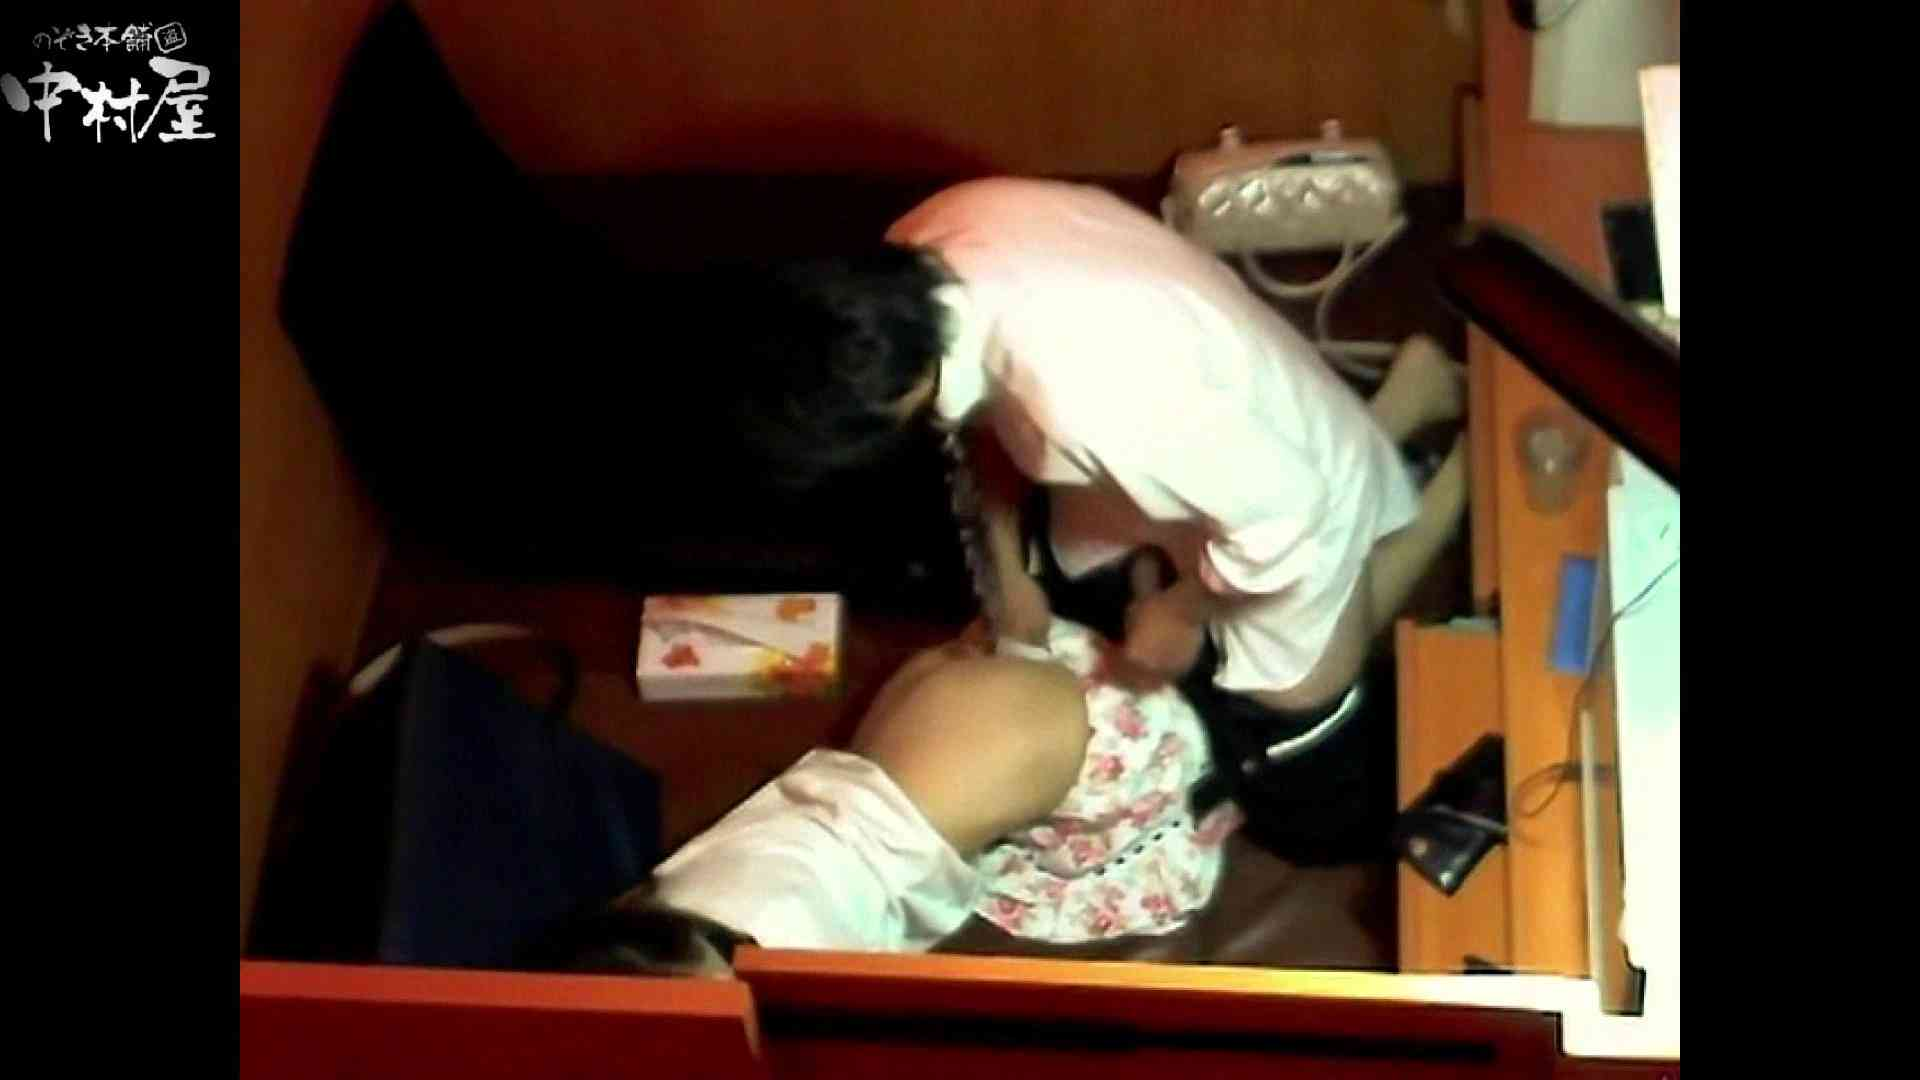 ネットカフェ盗撮師トロントさんの 素人カップル盗撮記vol.9 OL女体 のぞき動画画像 71連発 12